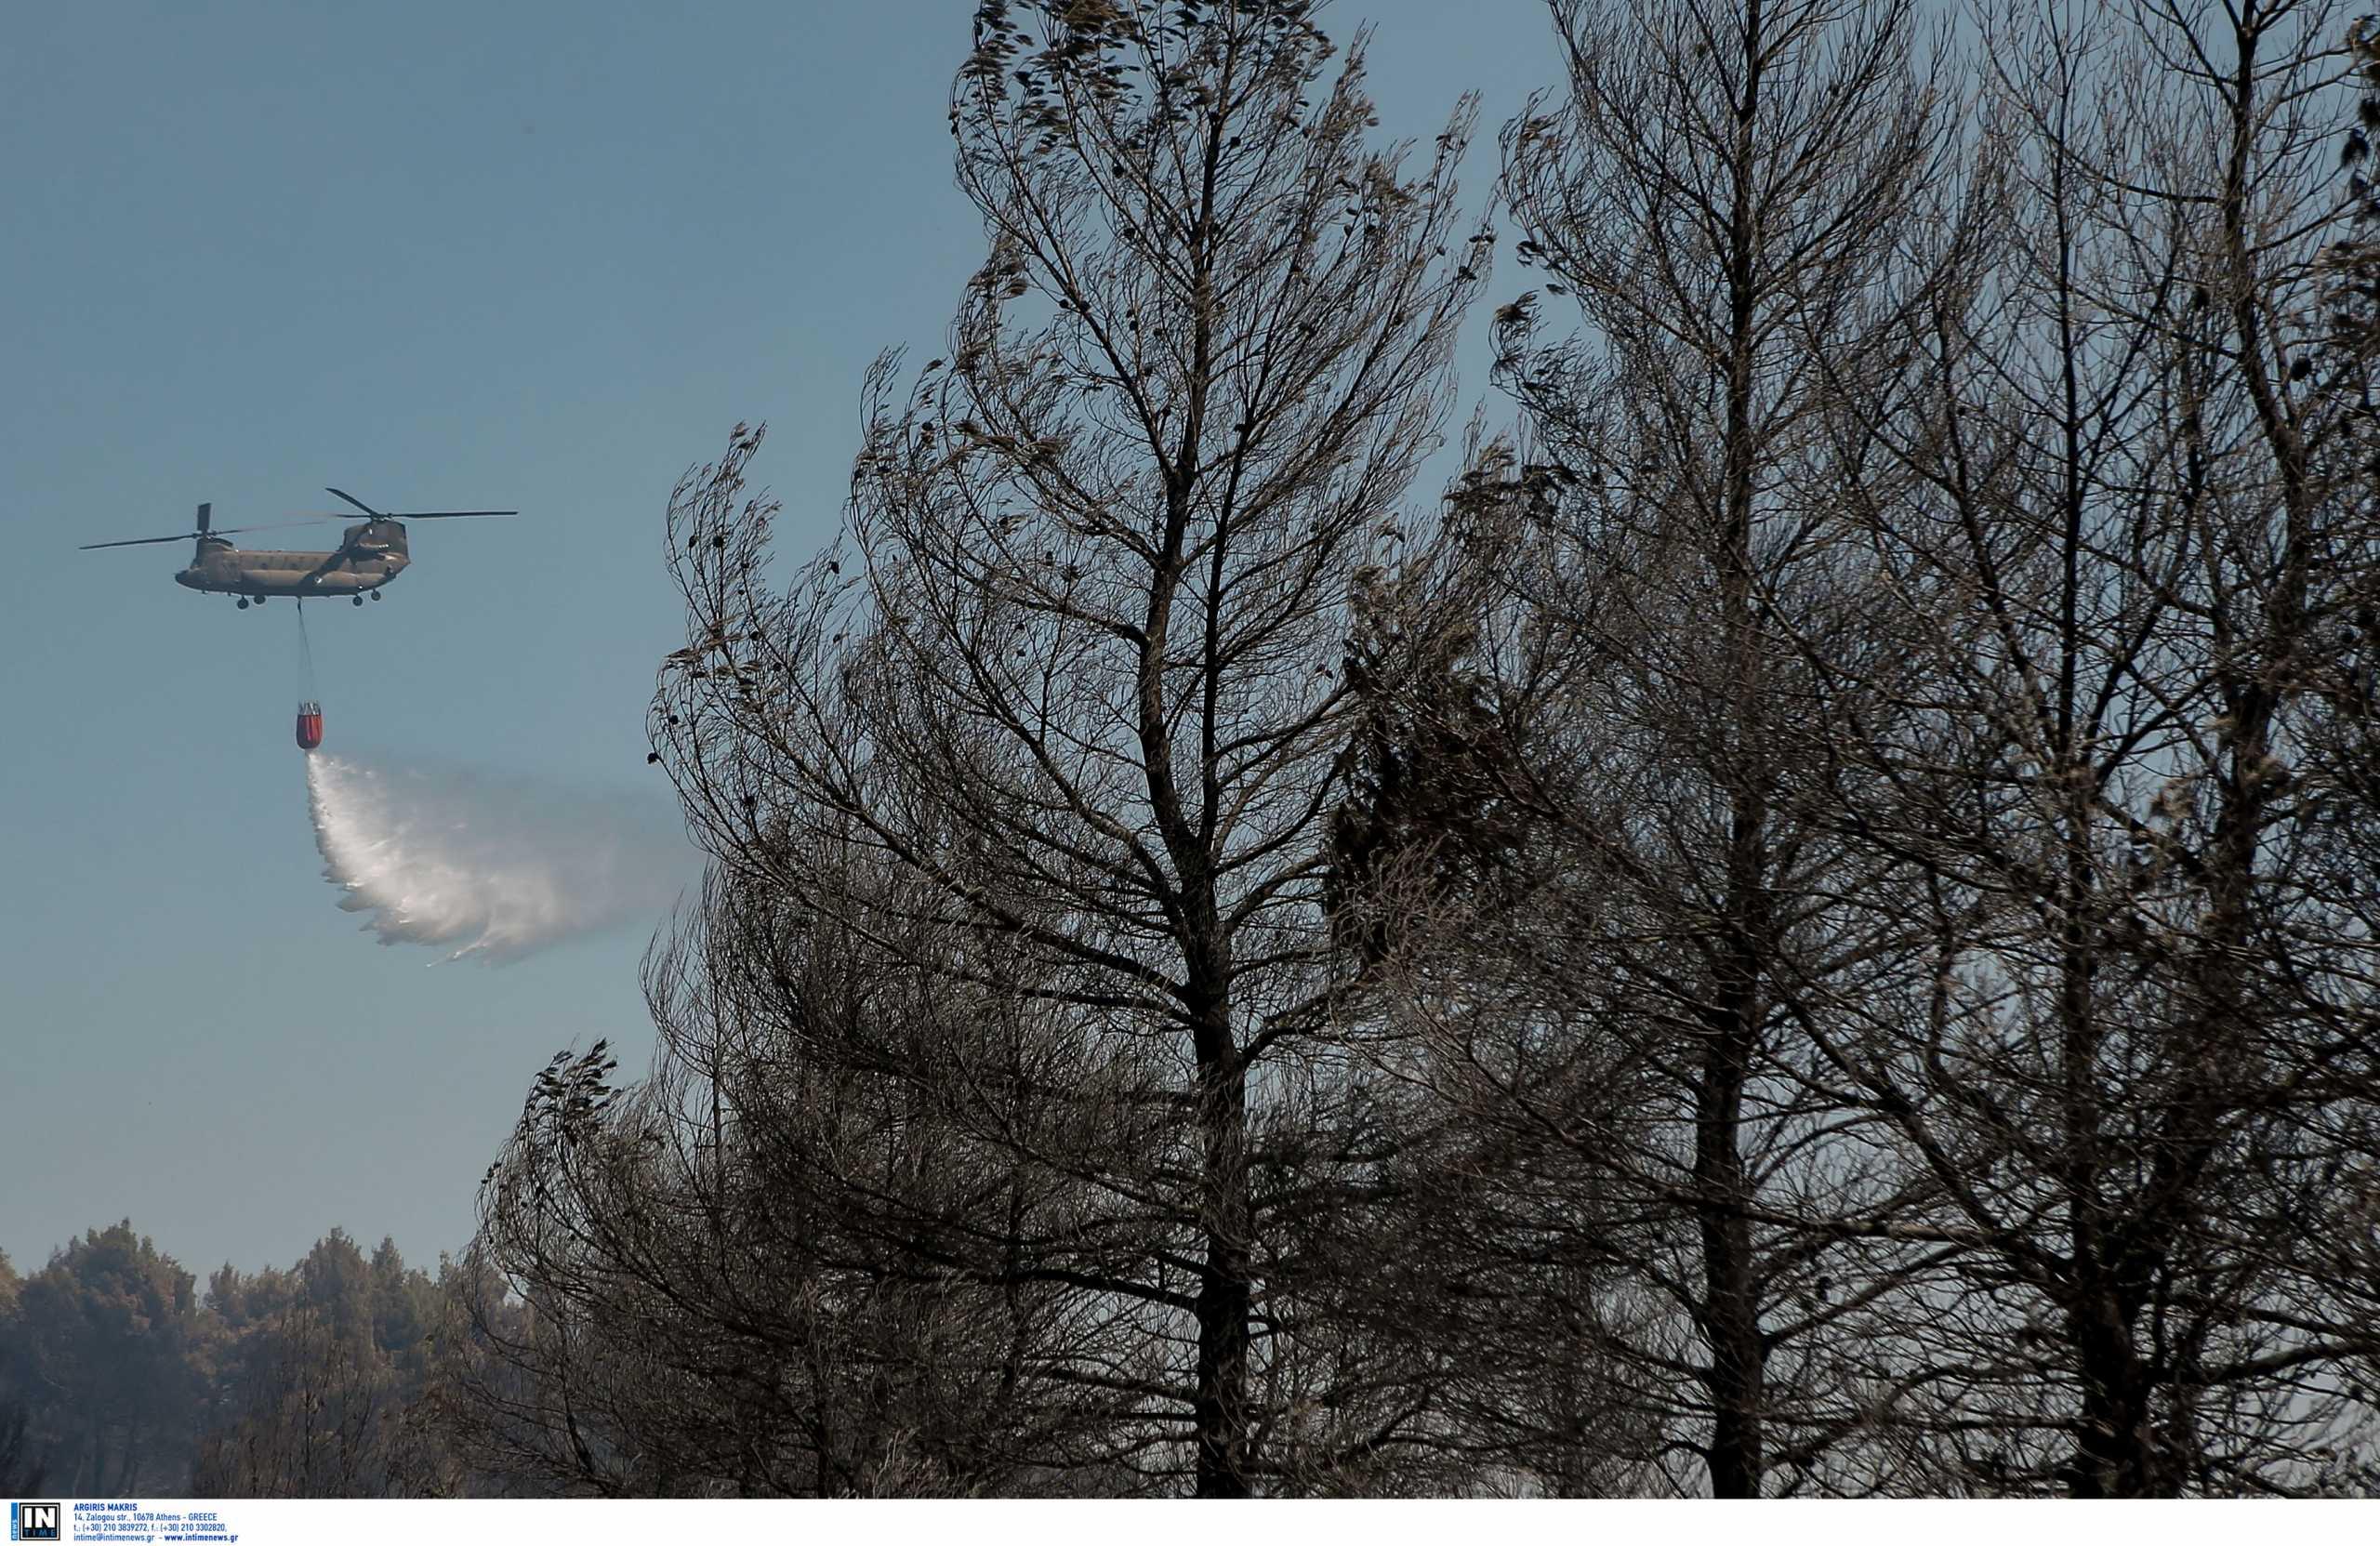 Γιώργος Κουμεντάκης: Παραιτήθηκε ο διοικητής της Αεροπορίας Στρατού